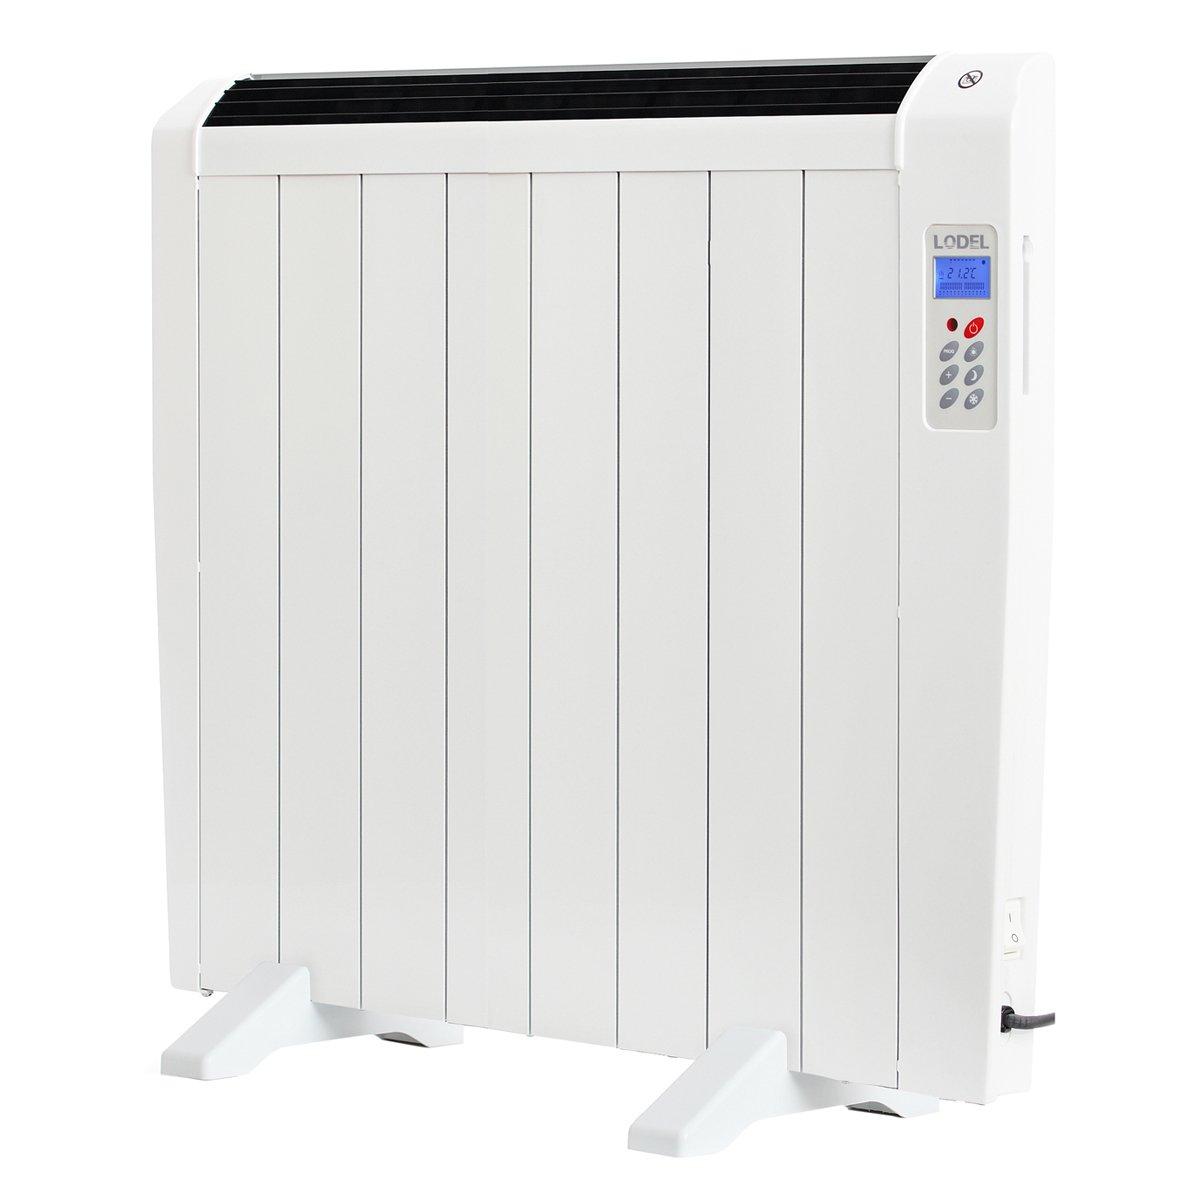 LODEL RA8 - Emisor térmico digital seco programación diario, 1200 W: Amazon.es: Hogar